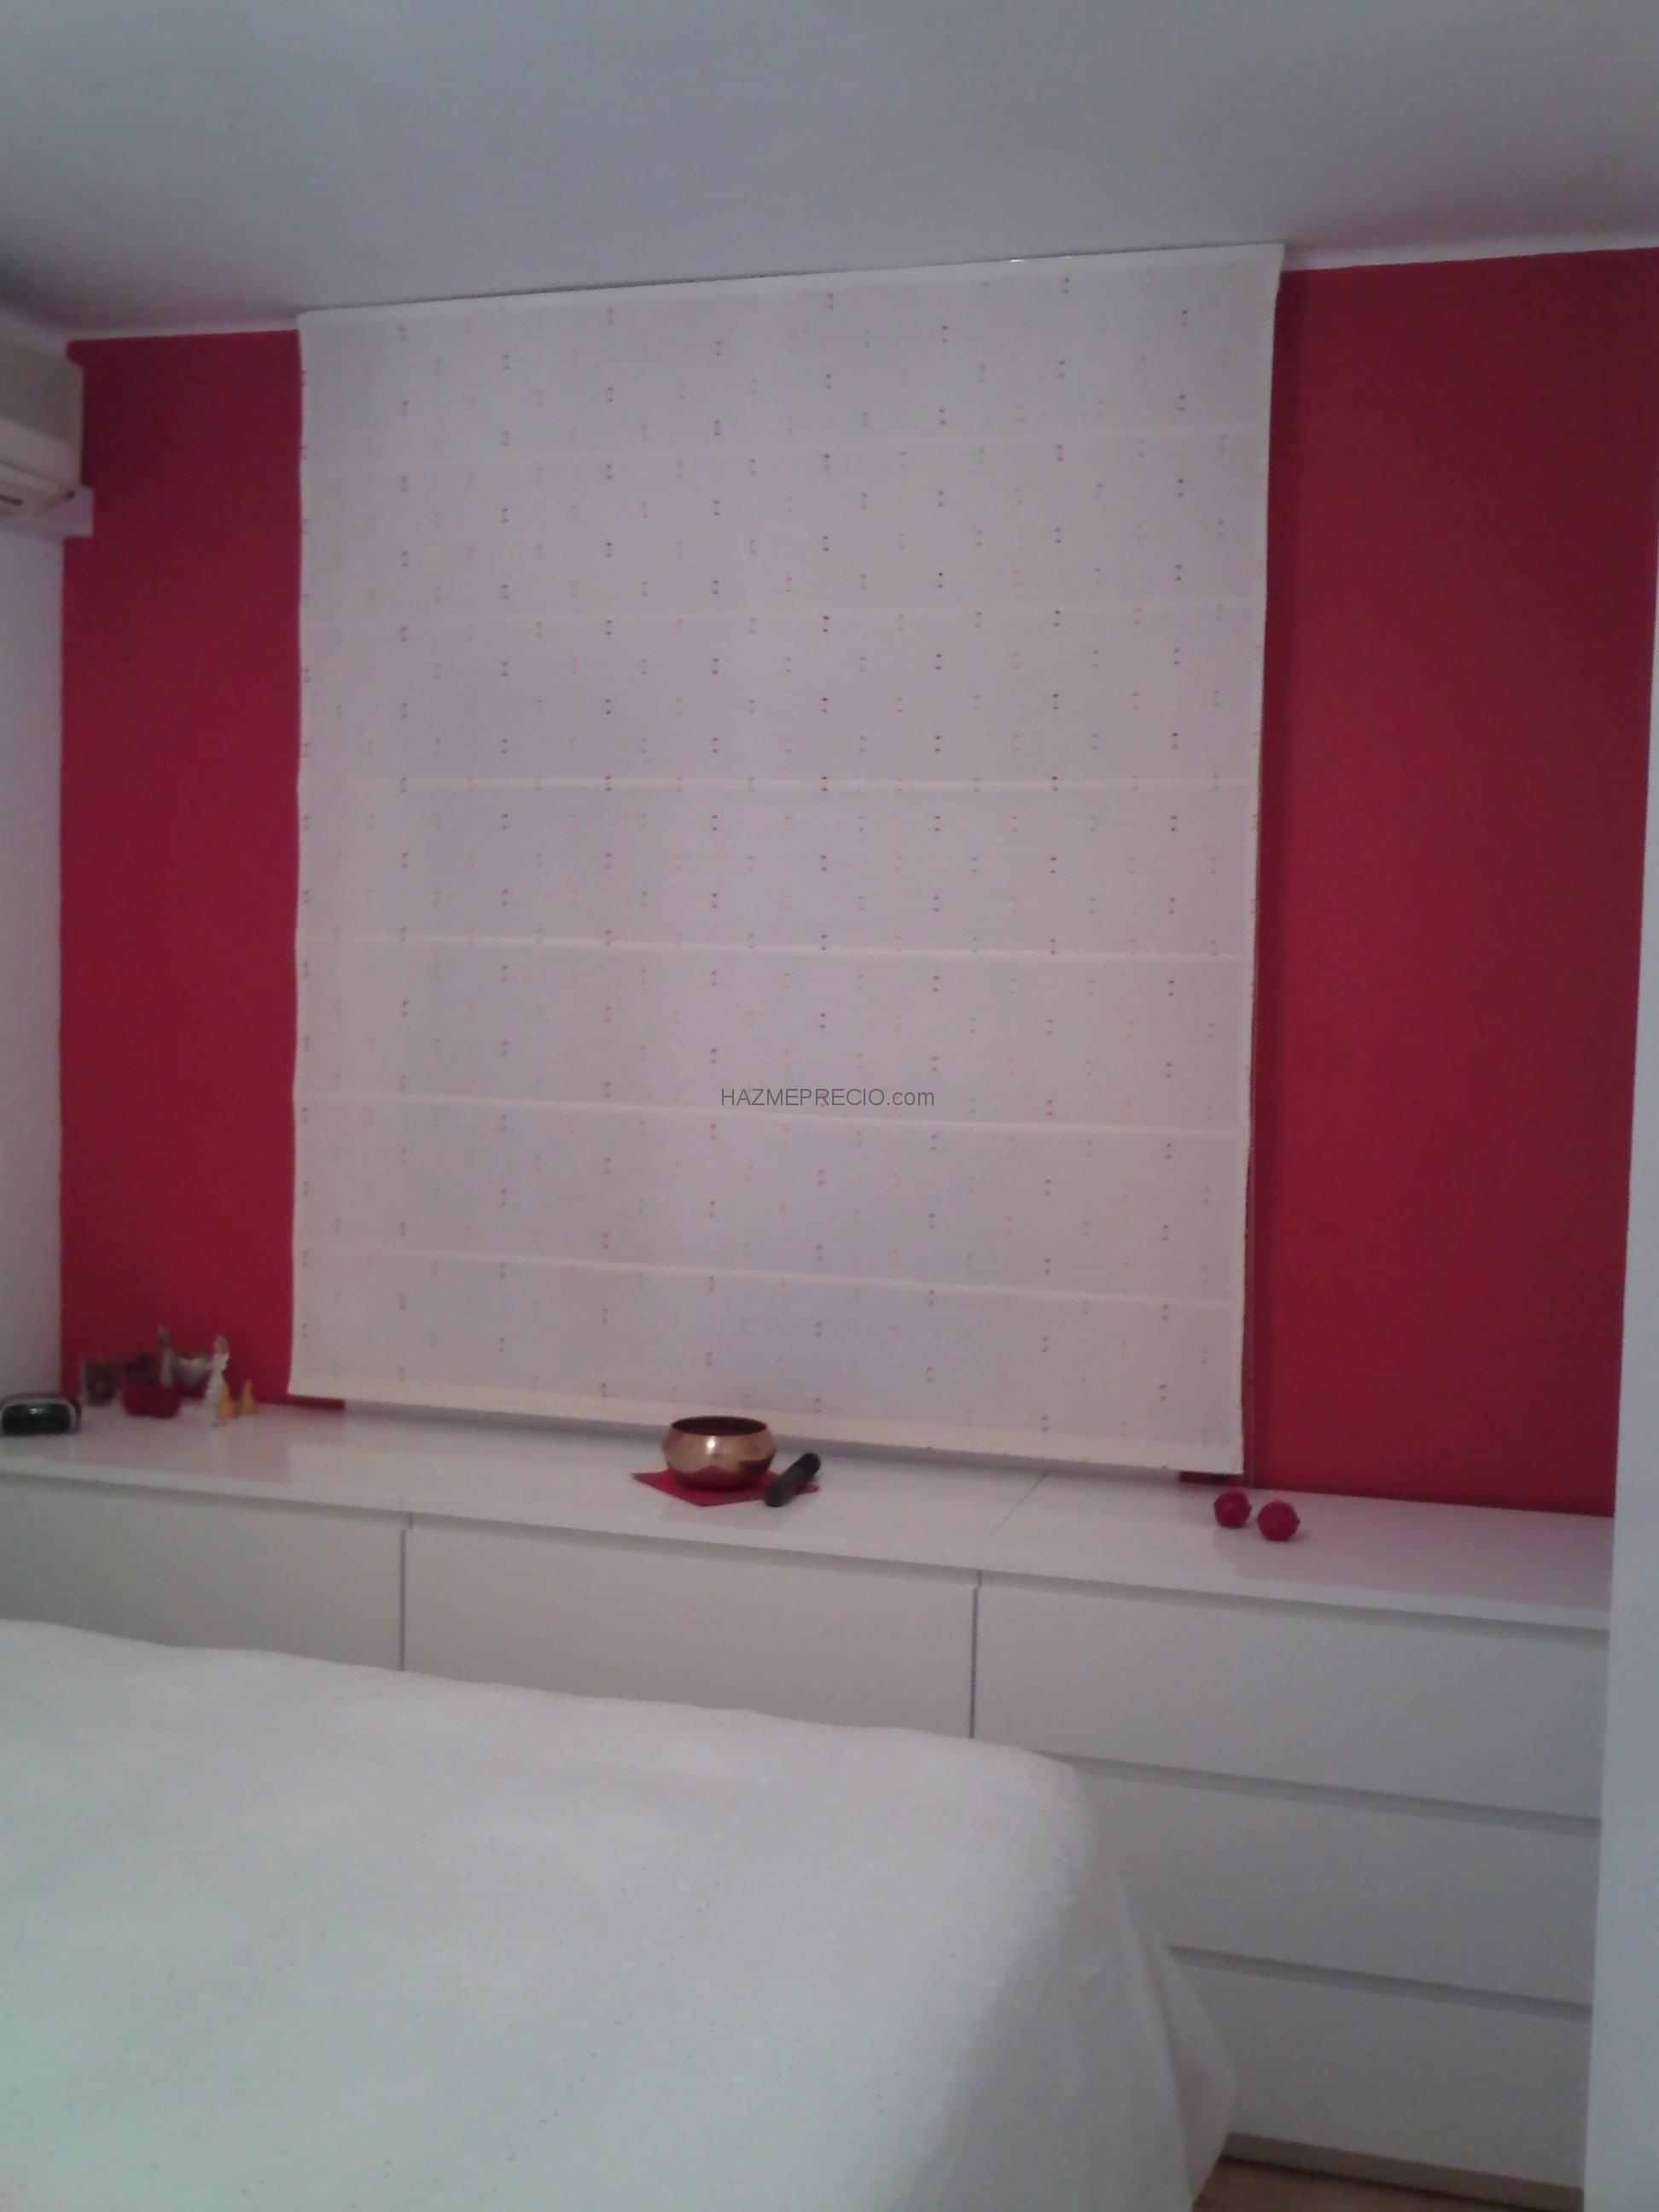 Presupuesto para pintar comedor y habitaci n barcelona for Presupuesto para pintar